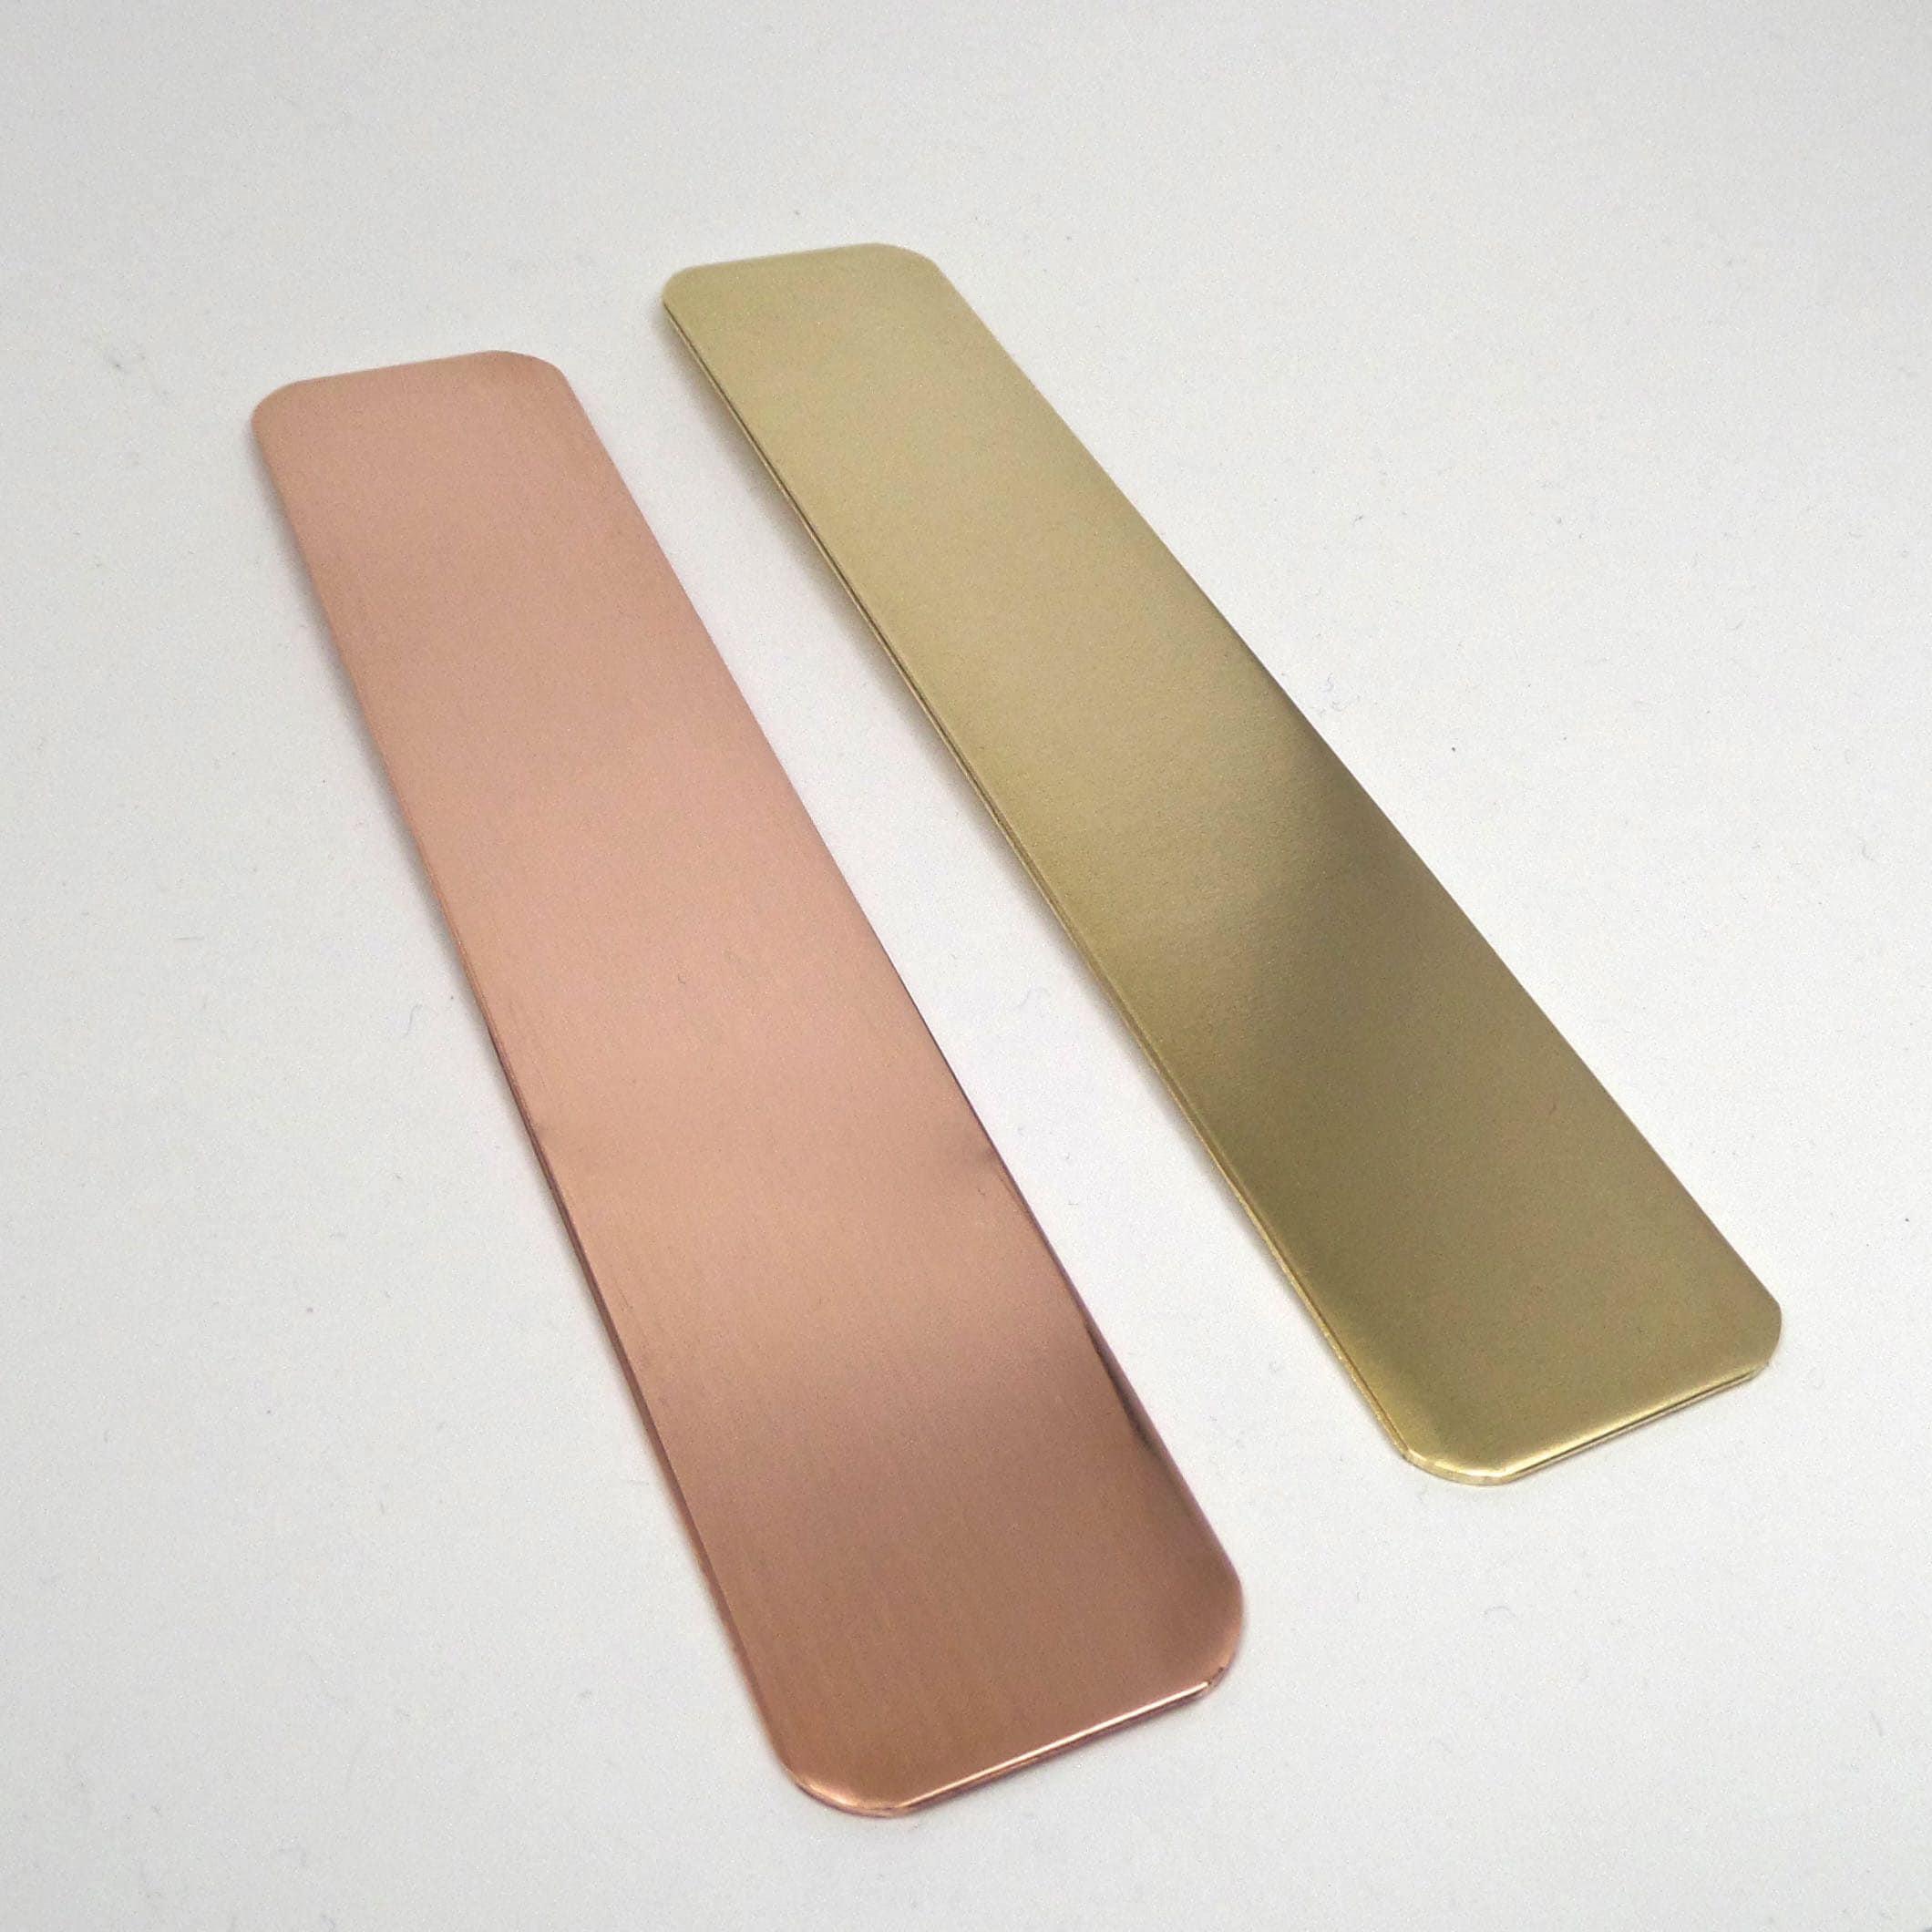 50 argent Clip Clip Clip blancs cuivre ou en laiton 18 jauge brute inachevée de bijoutier seulement 1 x 5 pouces plat 5afd0d